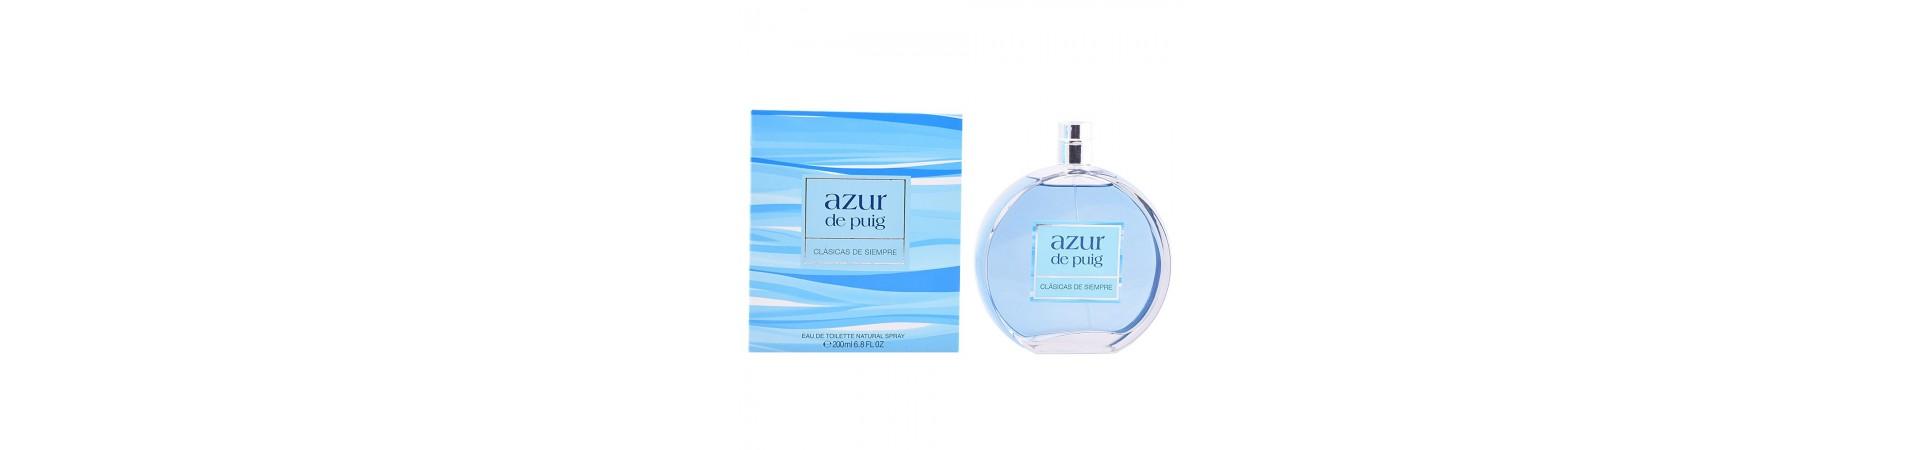 Comprar Perfumes originales y baratos - Perfumesencasa.com